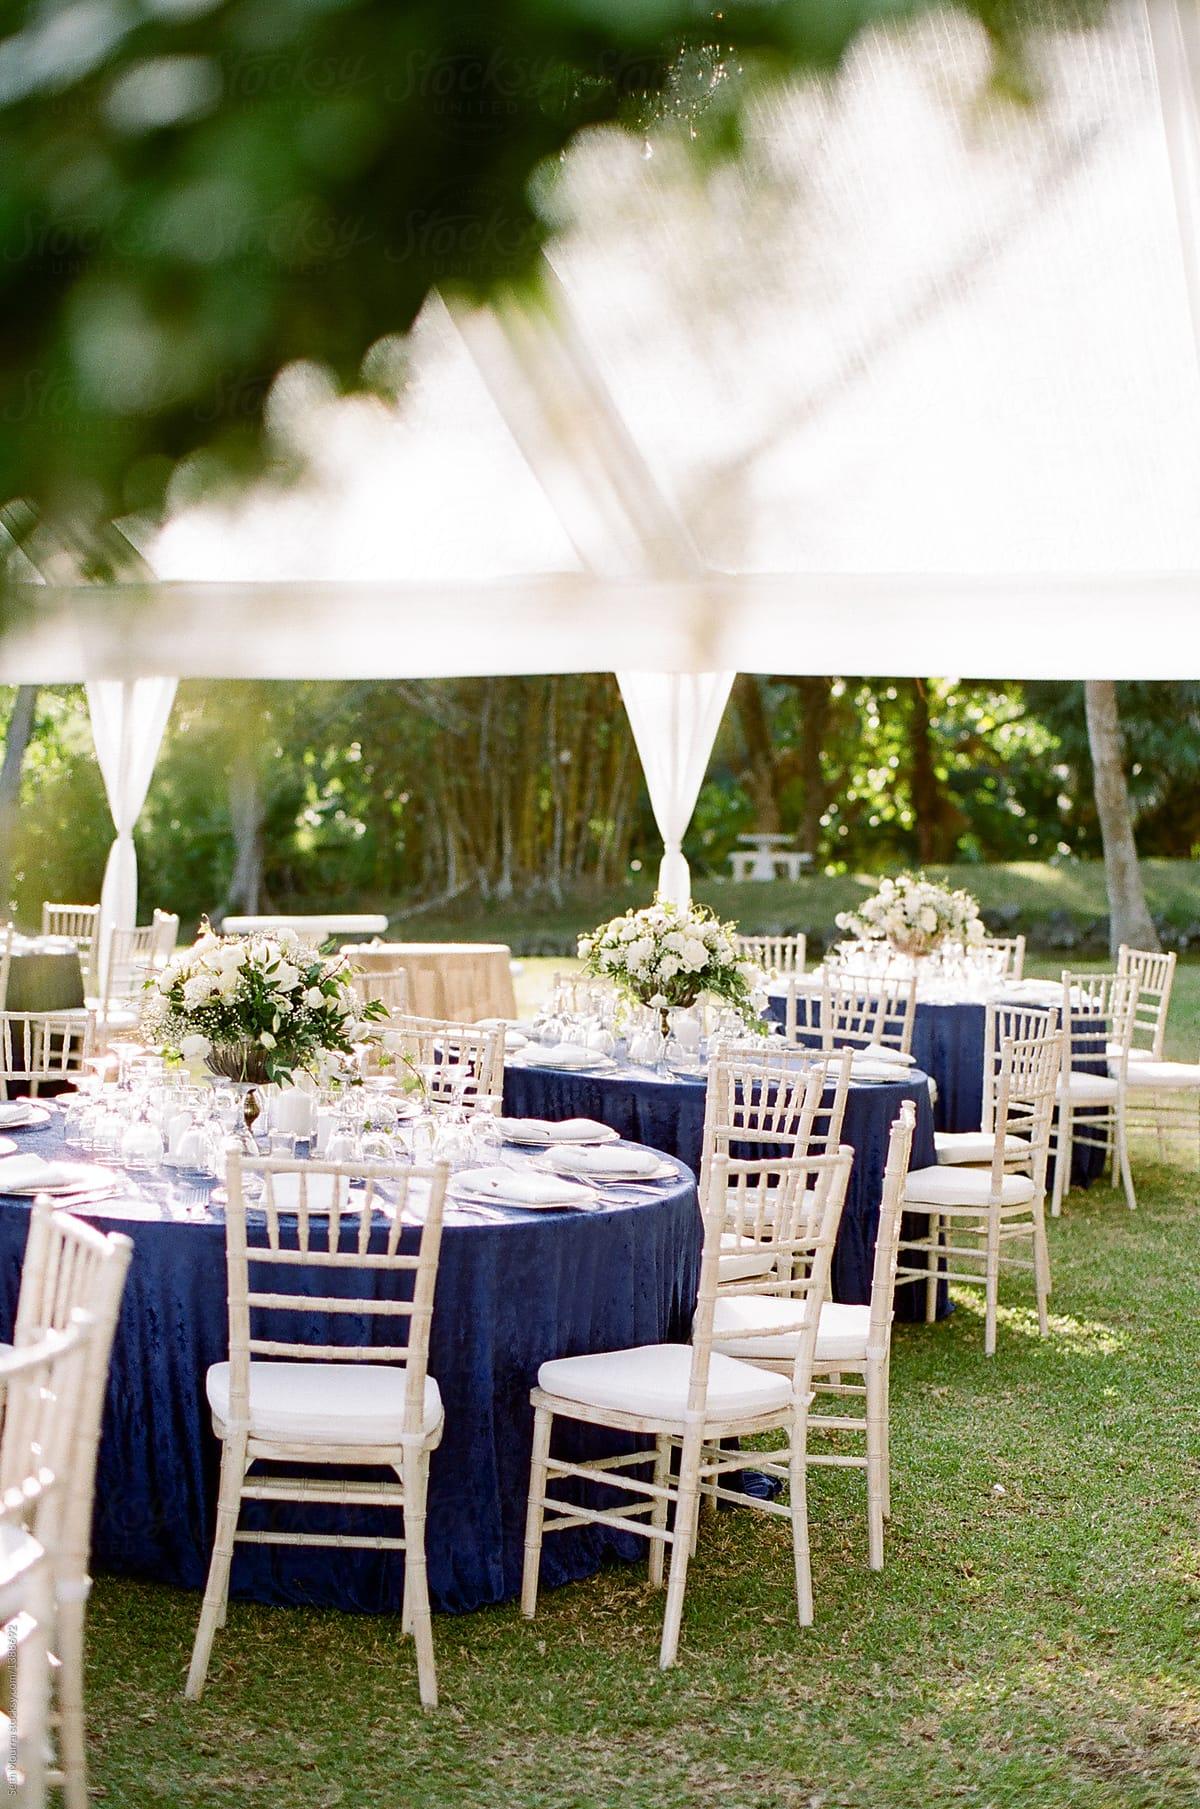 Elegant outdoor wedding reception by Seth Mourra - Outdoor, Wedding  reception - Stocksy United